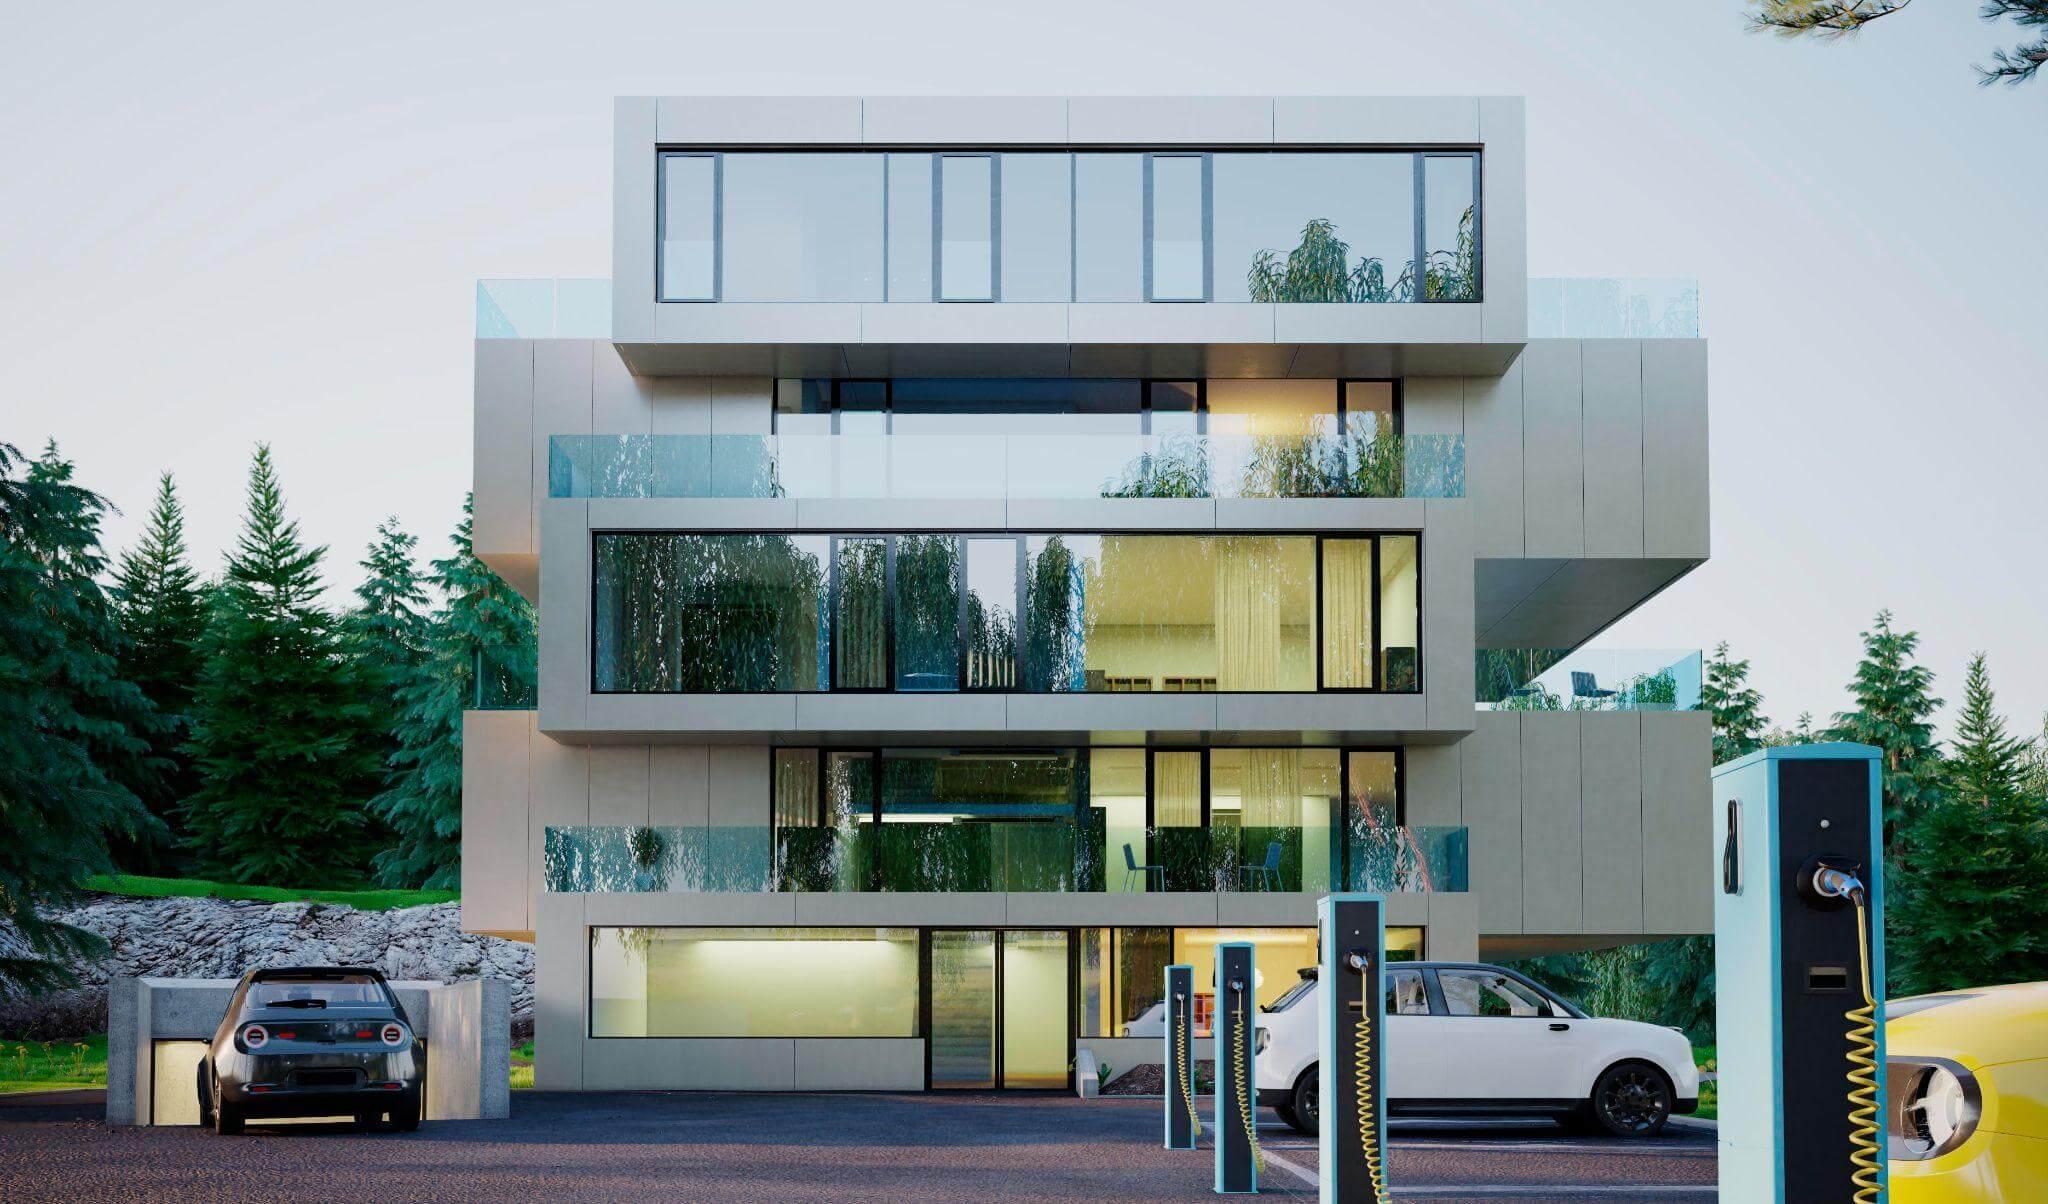 wizualizacja budynku 3D